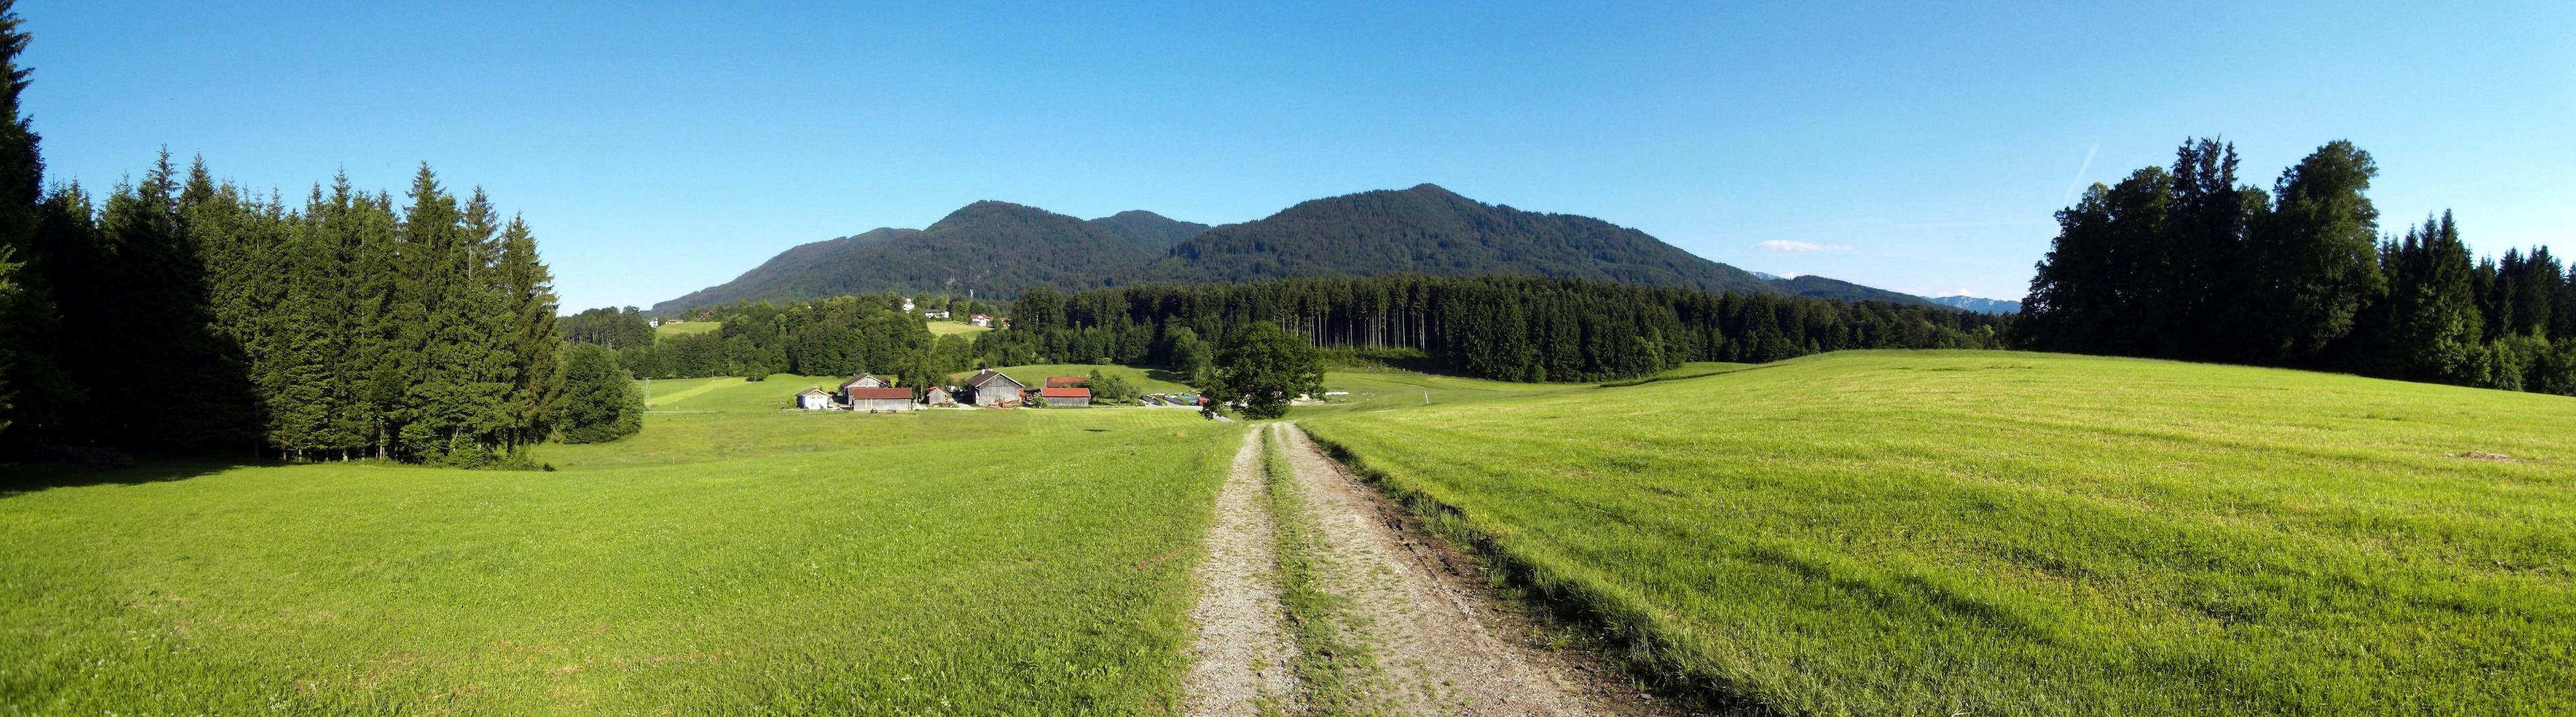 Bad Heilbrunn, Bavaria, Germany